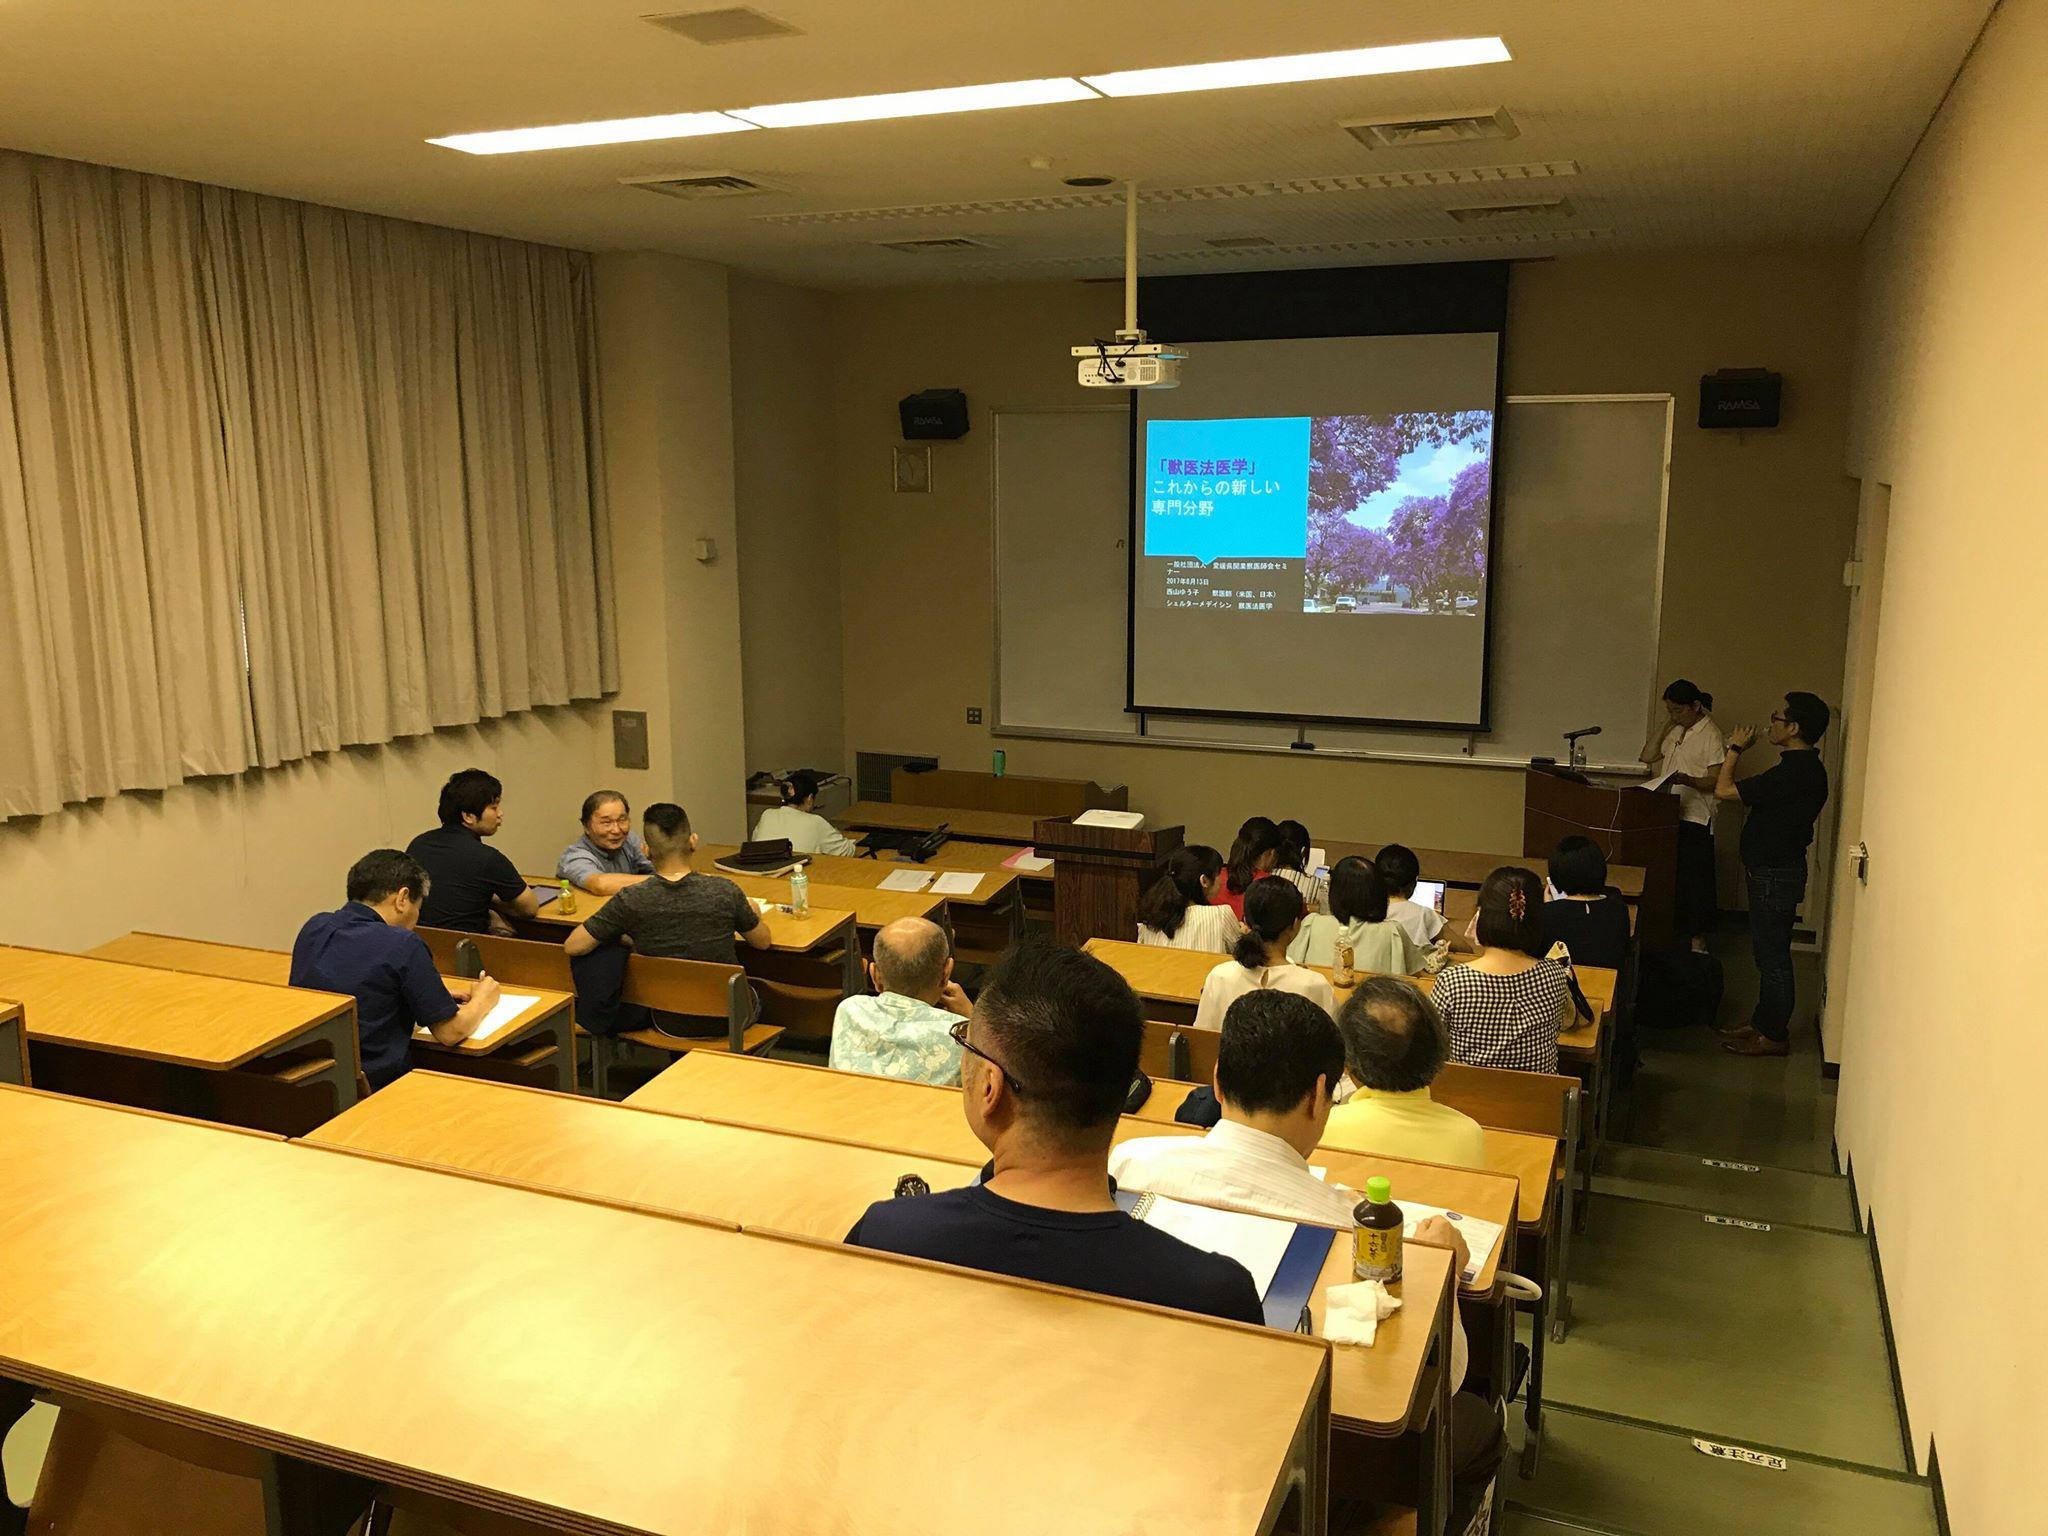 「これからの日本、人とペットの良い関係」講演会に参加してきました。